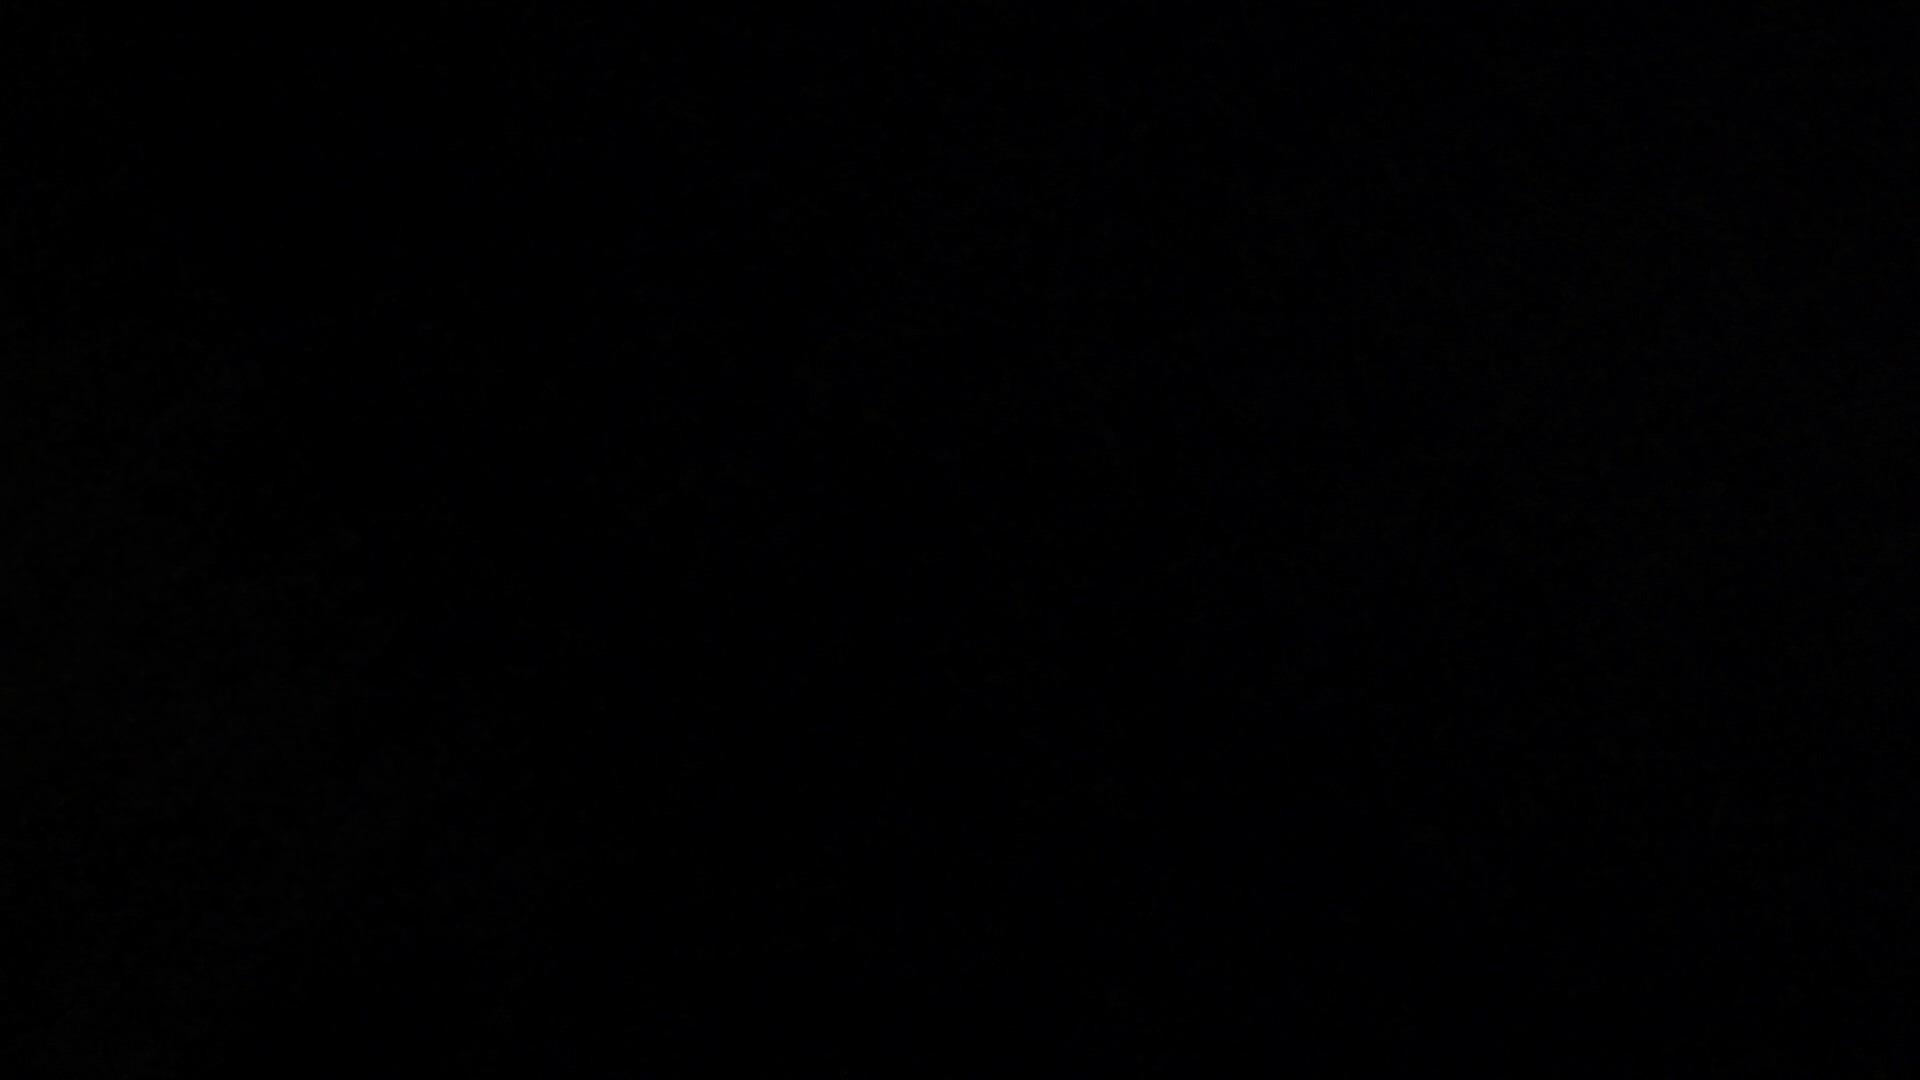 ▲復活限定▲マンコ丸見え!花火大会潜入撮 Vol.02 明るい場所に移動! 盛合せ アダルト動画キャプチャ 78画像 40